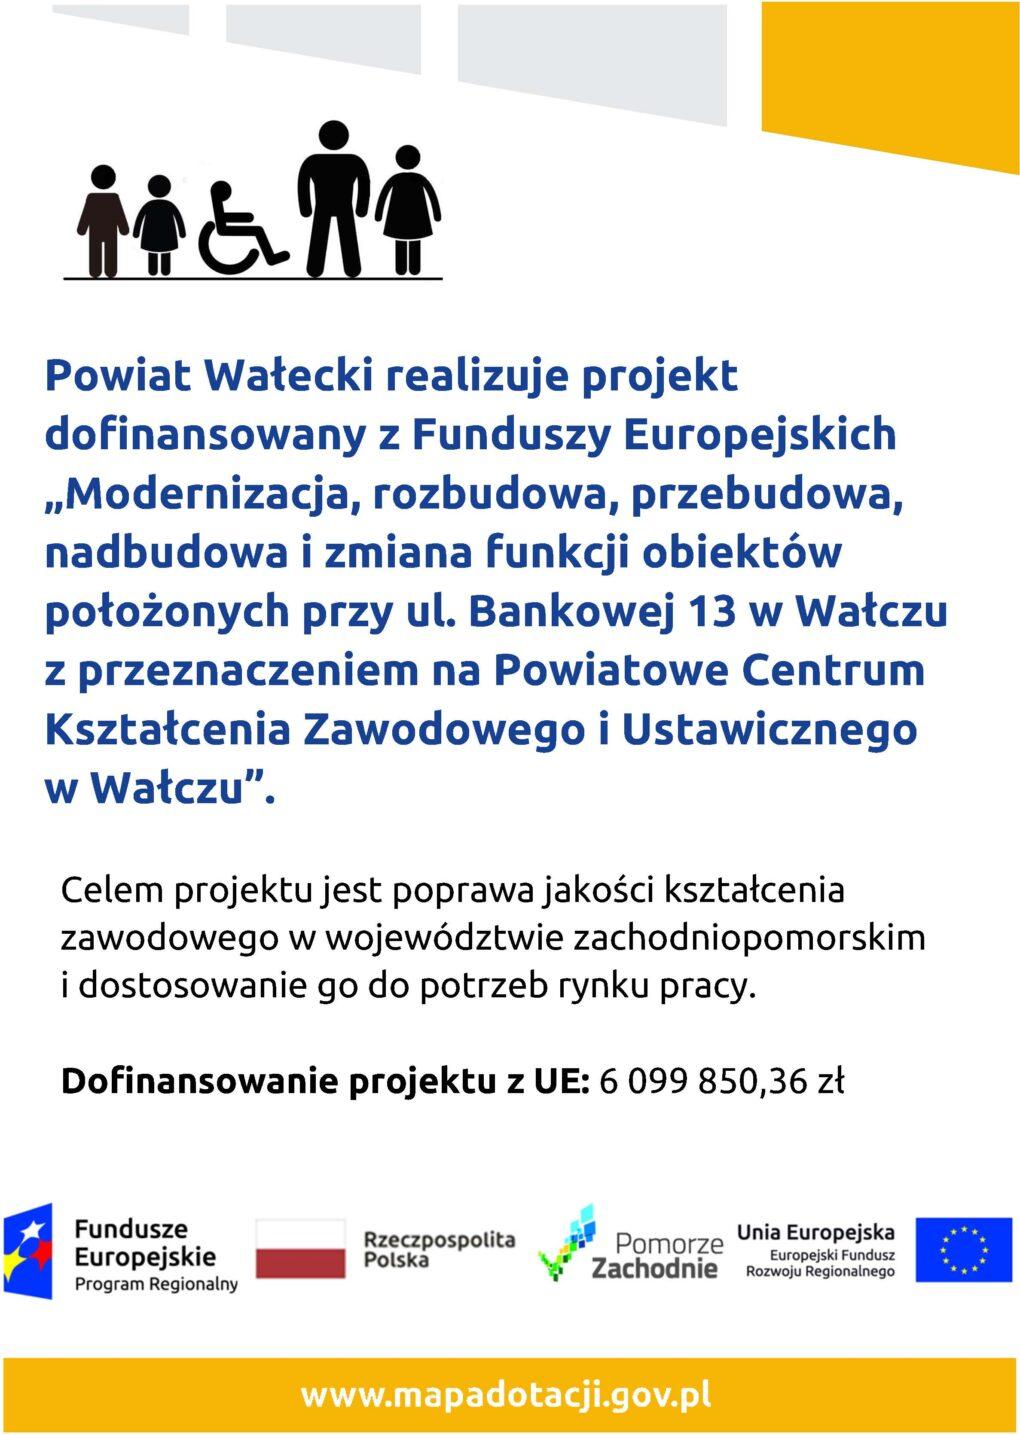 Informacja dotycząca projektu